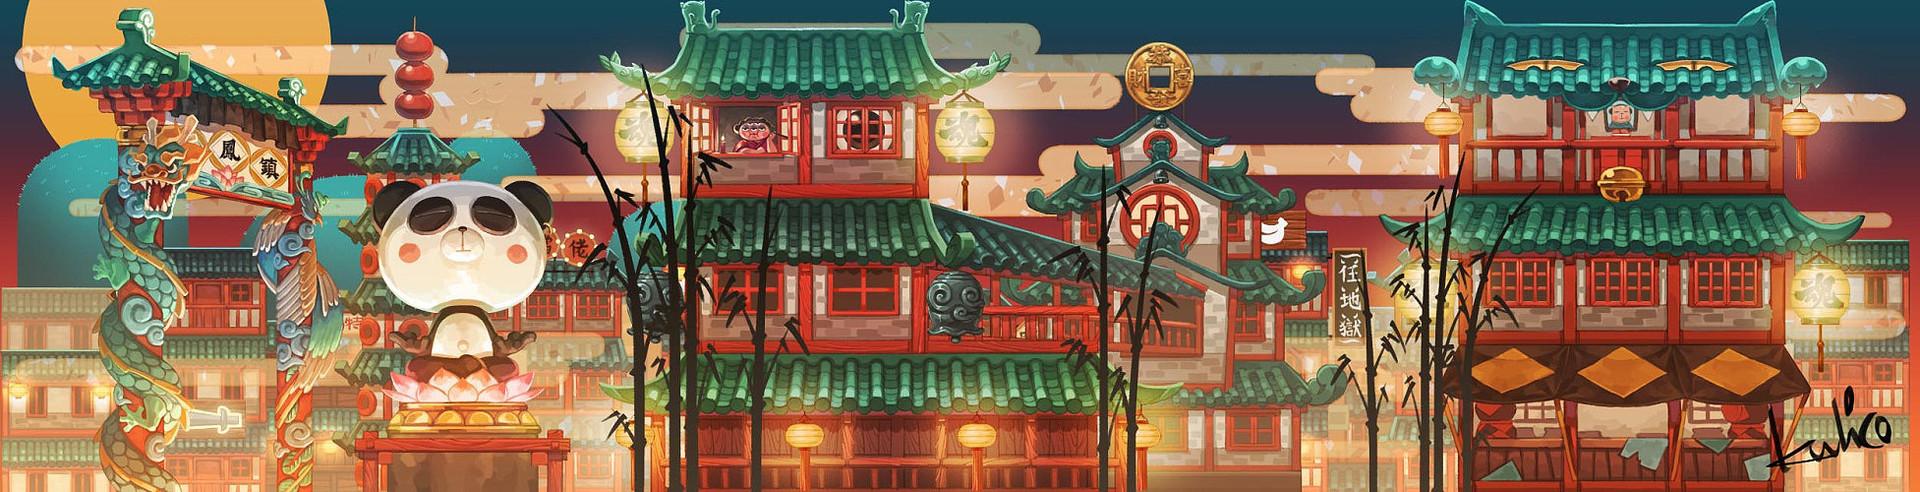 Xinzhou liao town